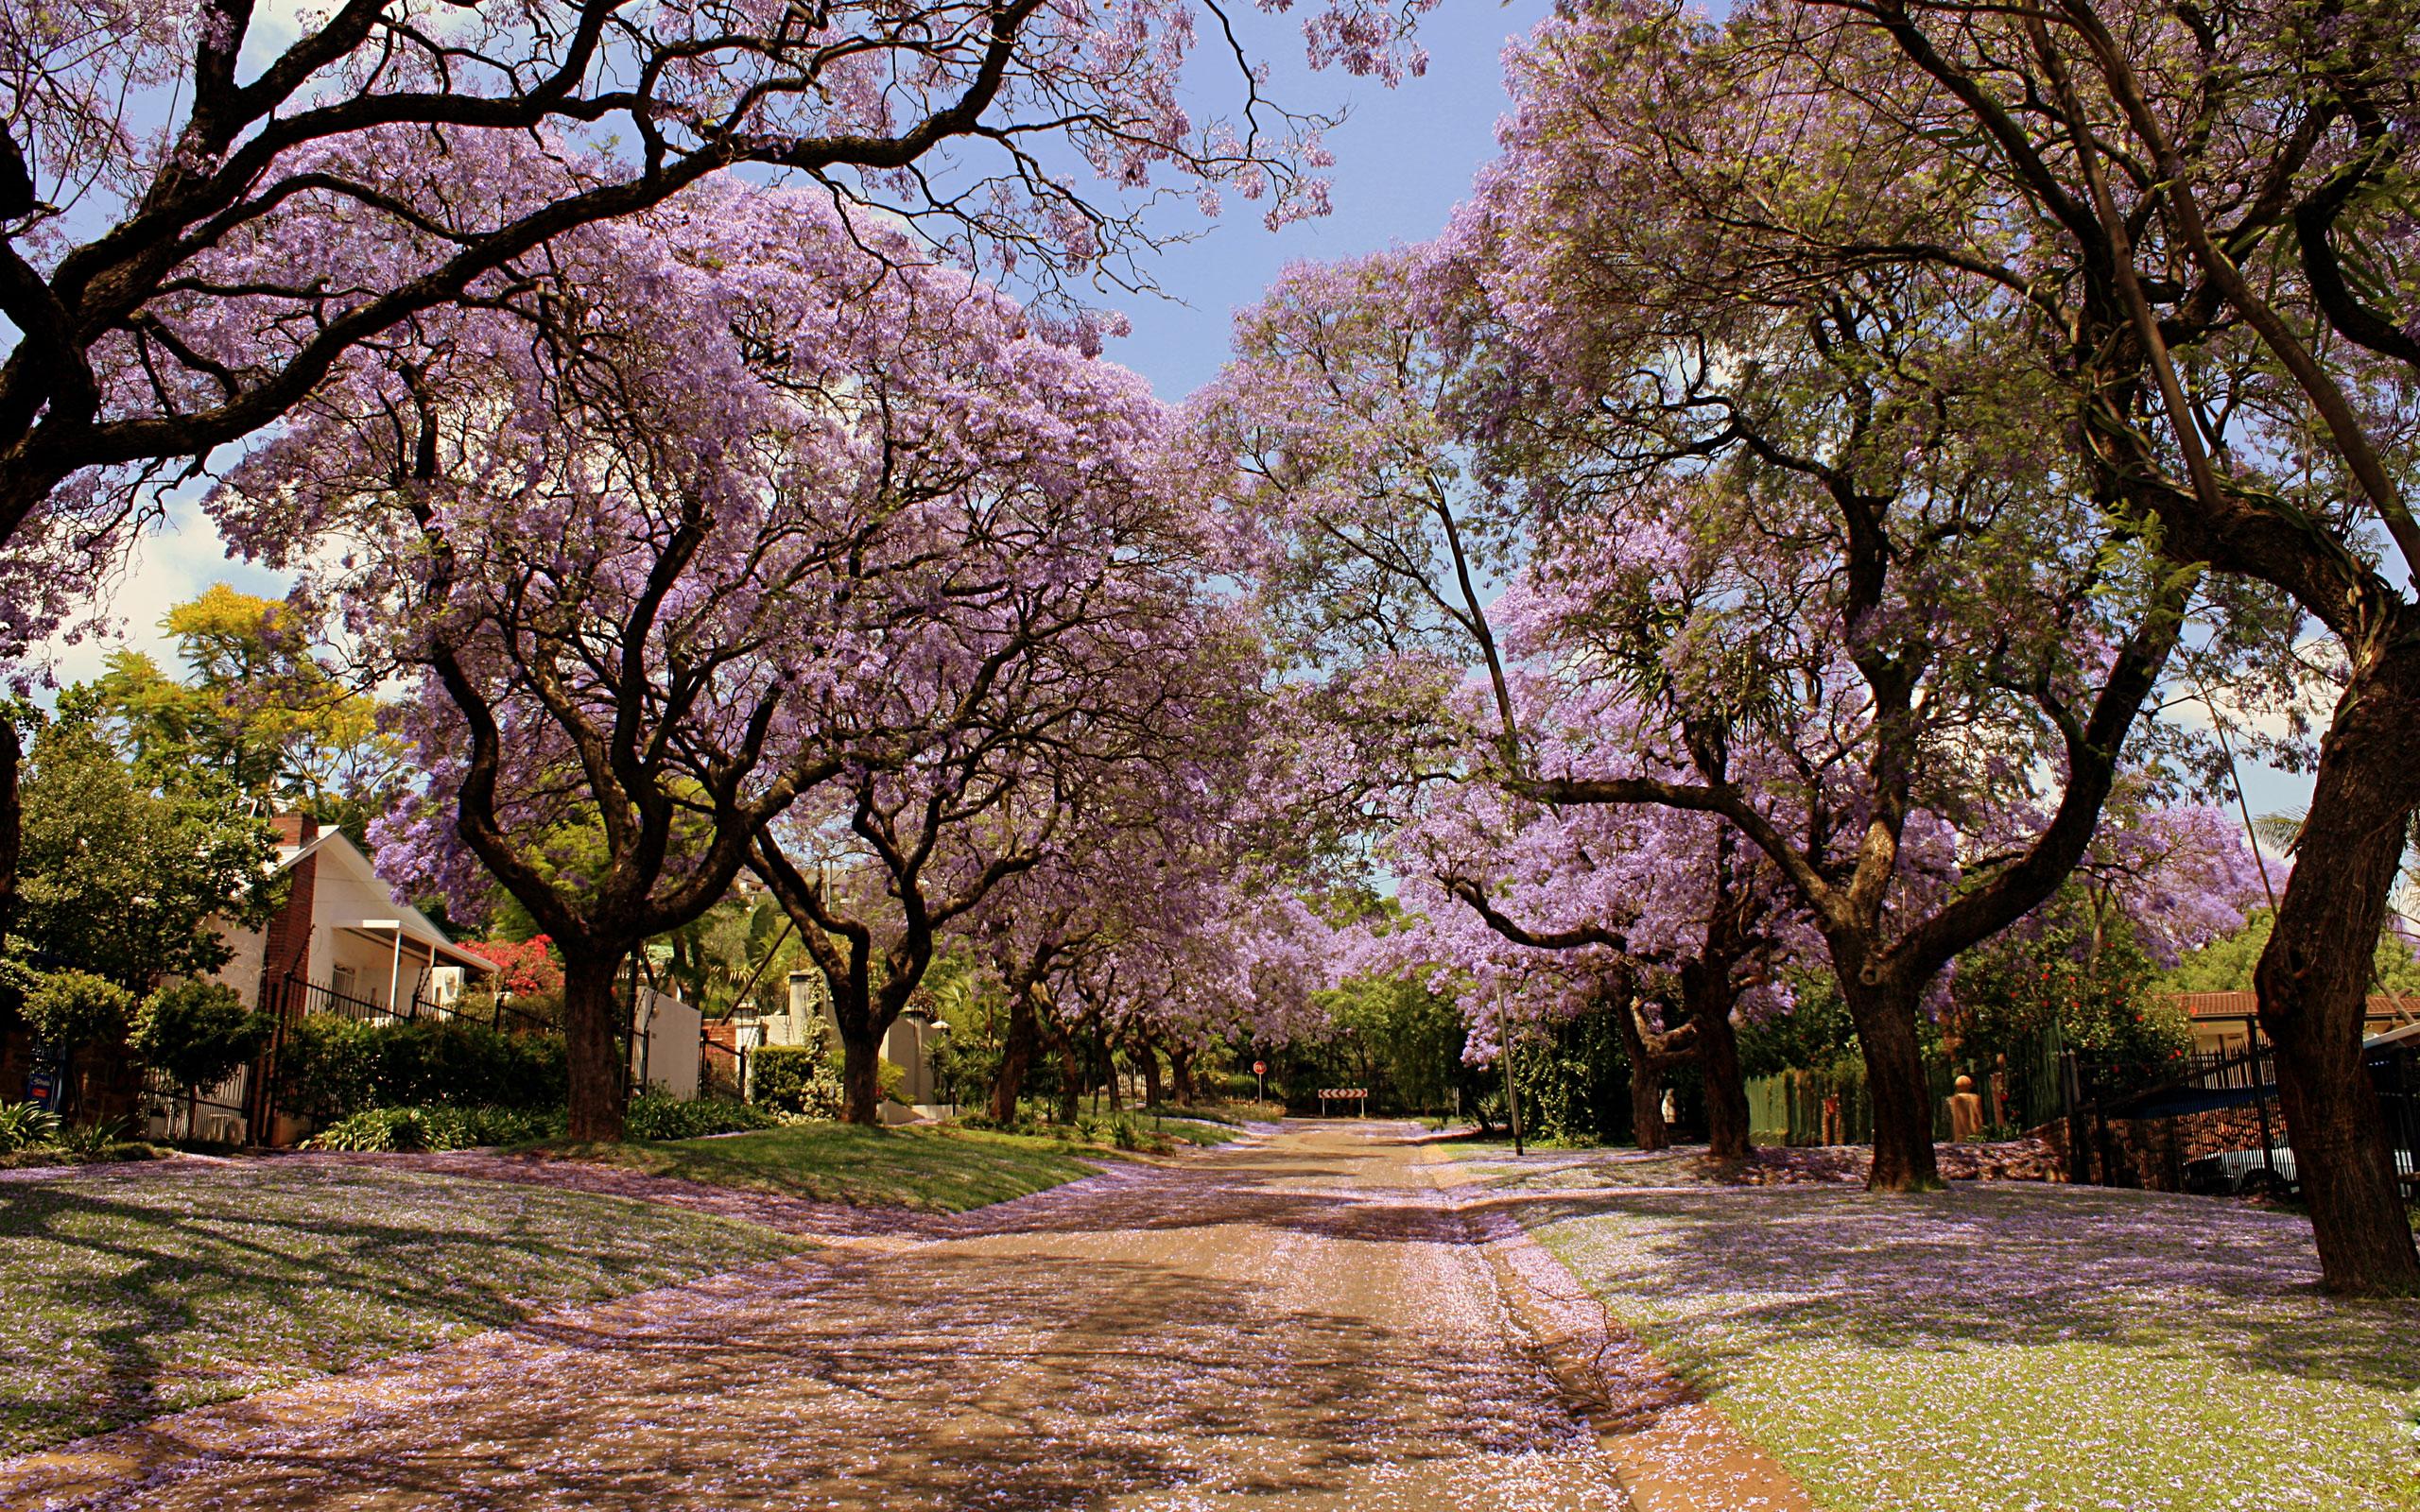 цветущие деревья во дворе  № 532024 бесплатно